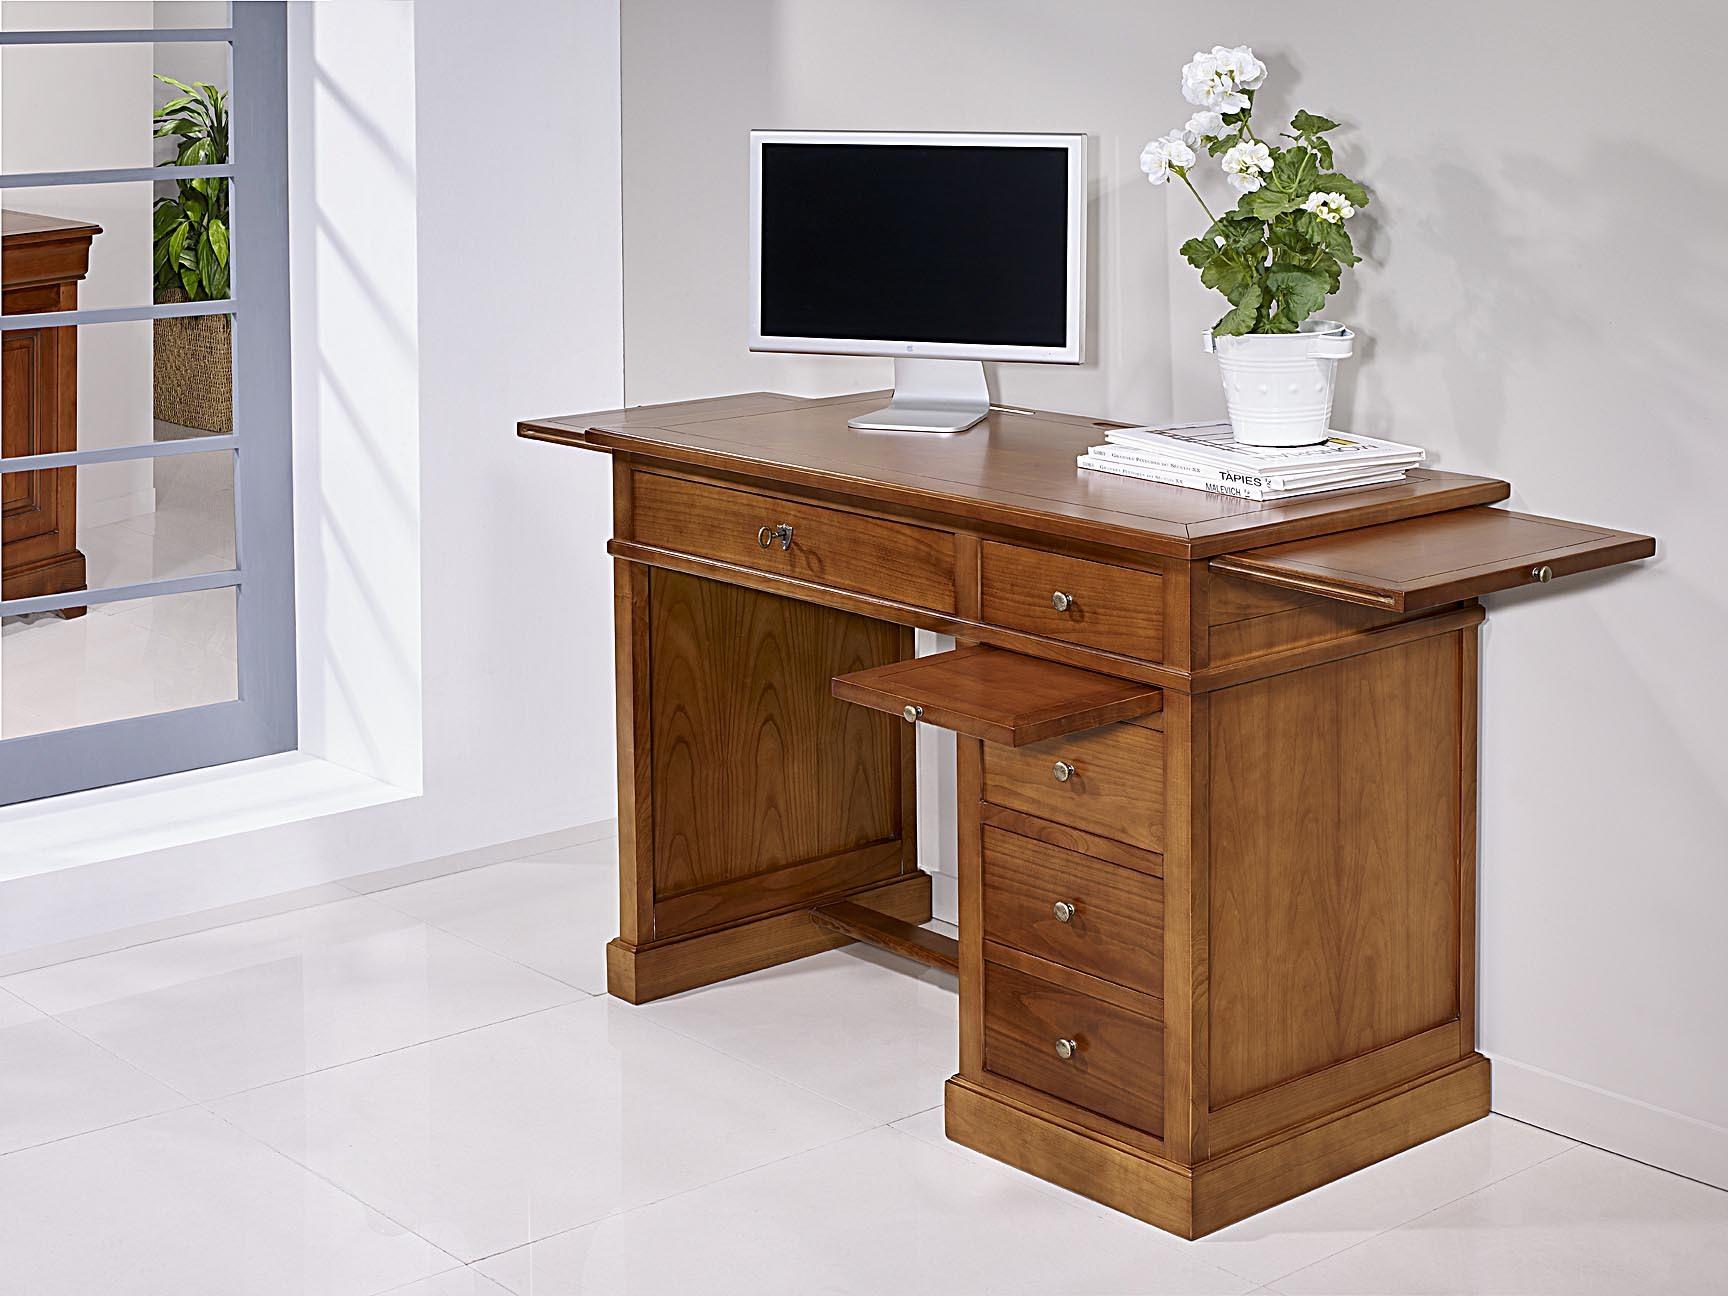 Mesa oficina escritorio lucie con 4 cajones realizada en cerezo macizo estilo louis philippe - Mesa escritorio con cajones ...